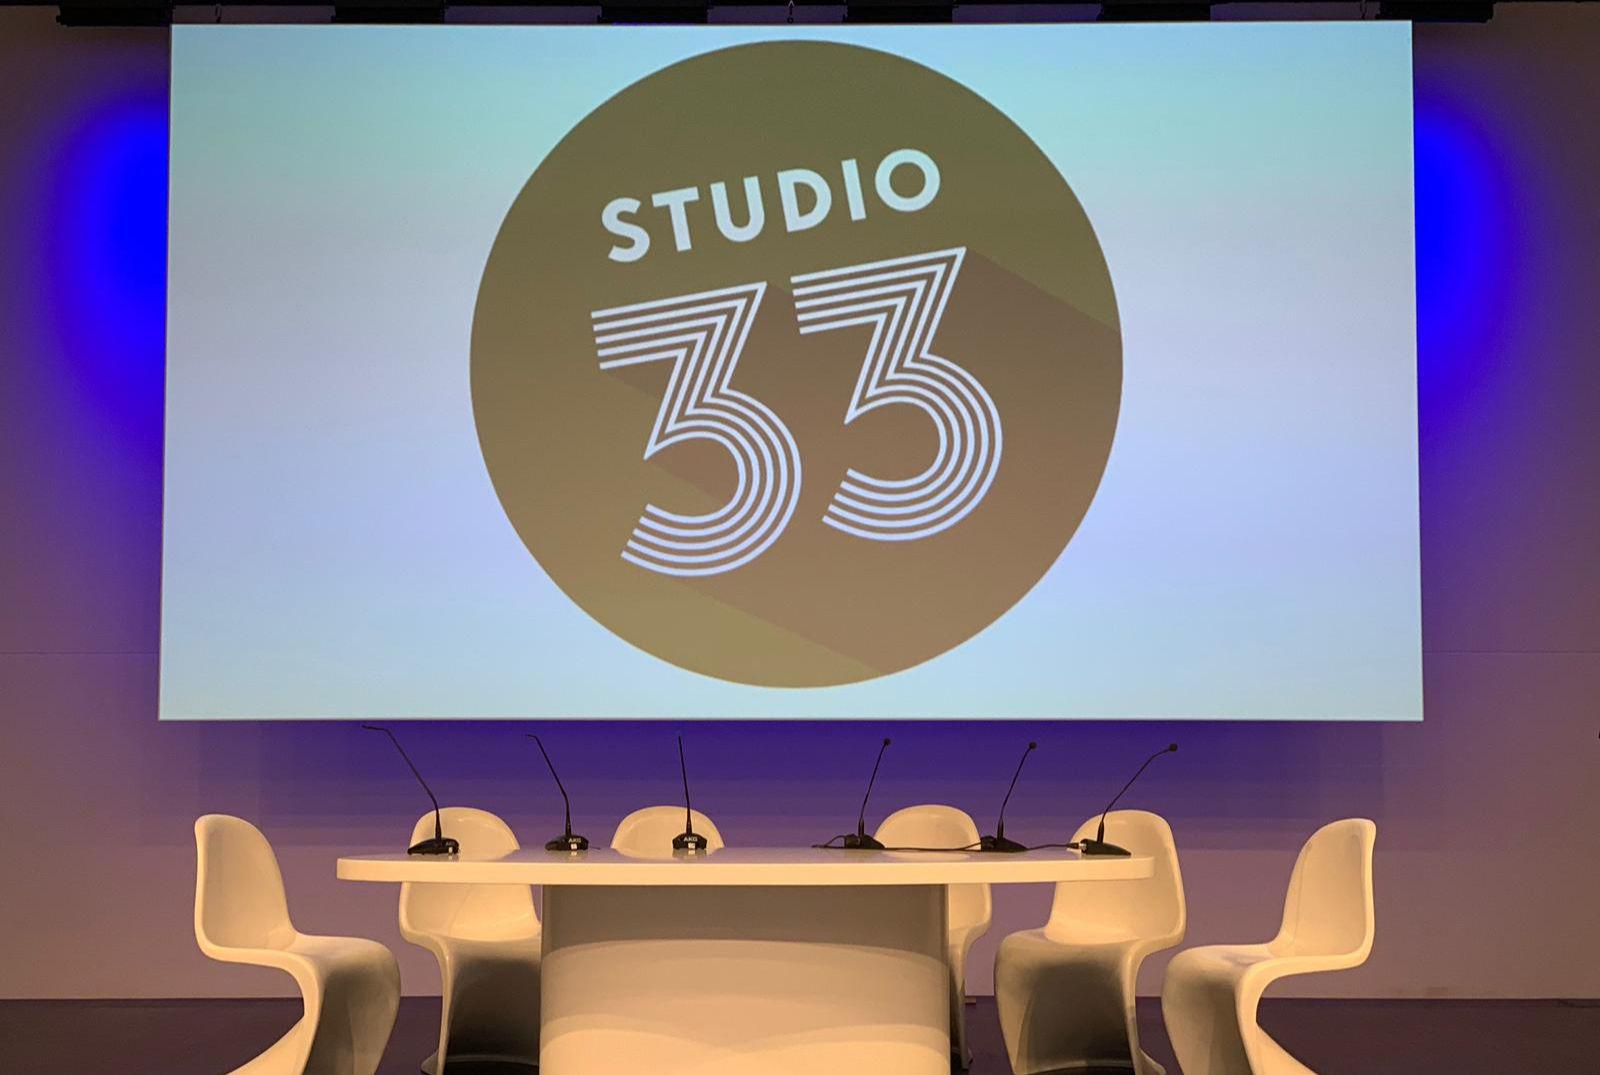 STUDIO33 - Podium